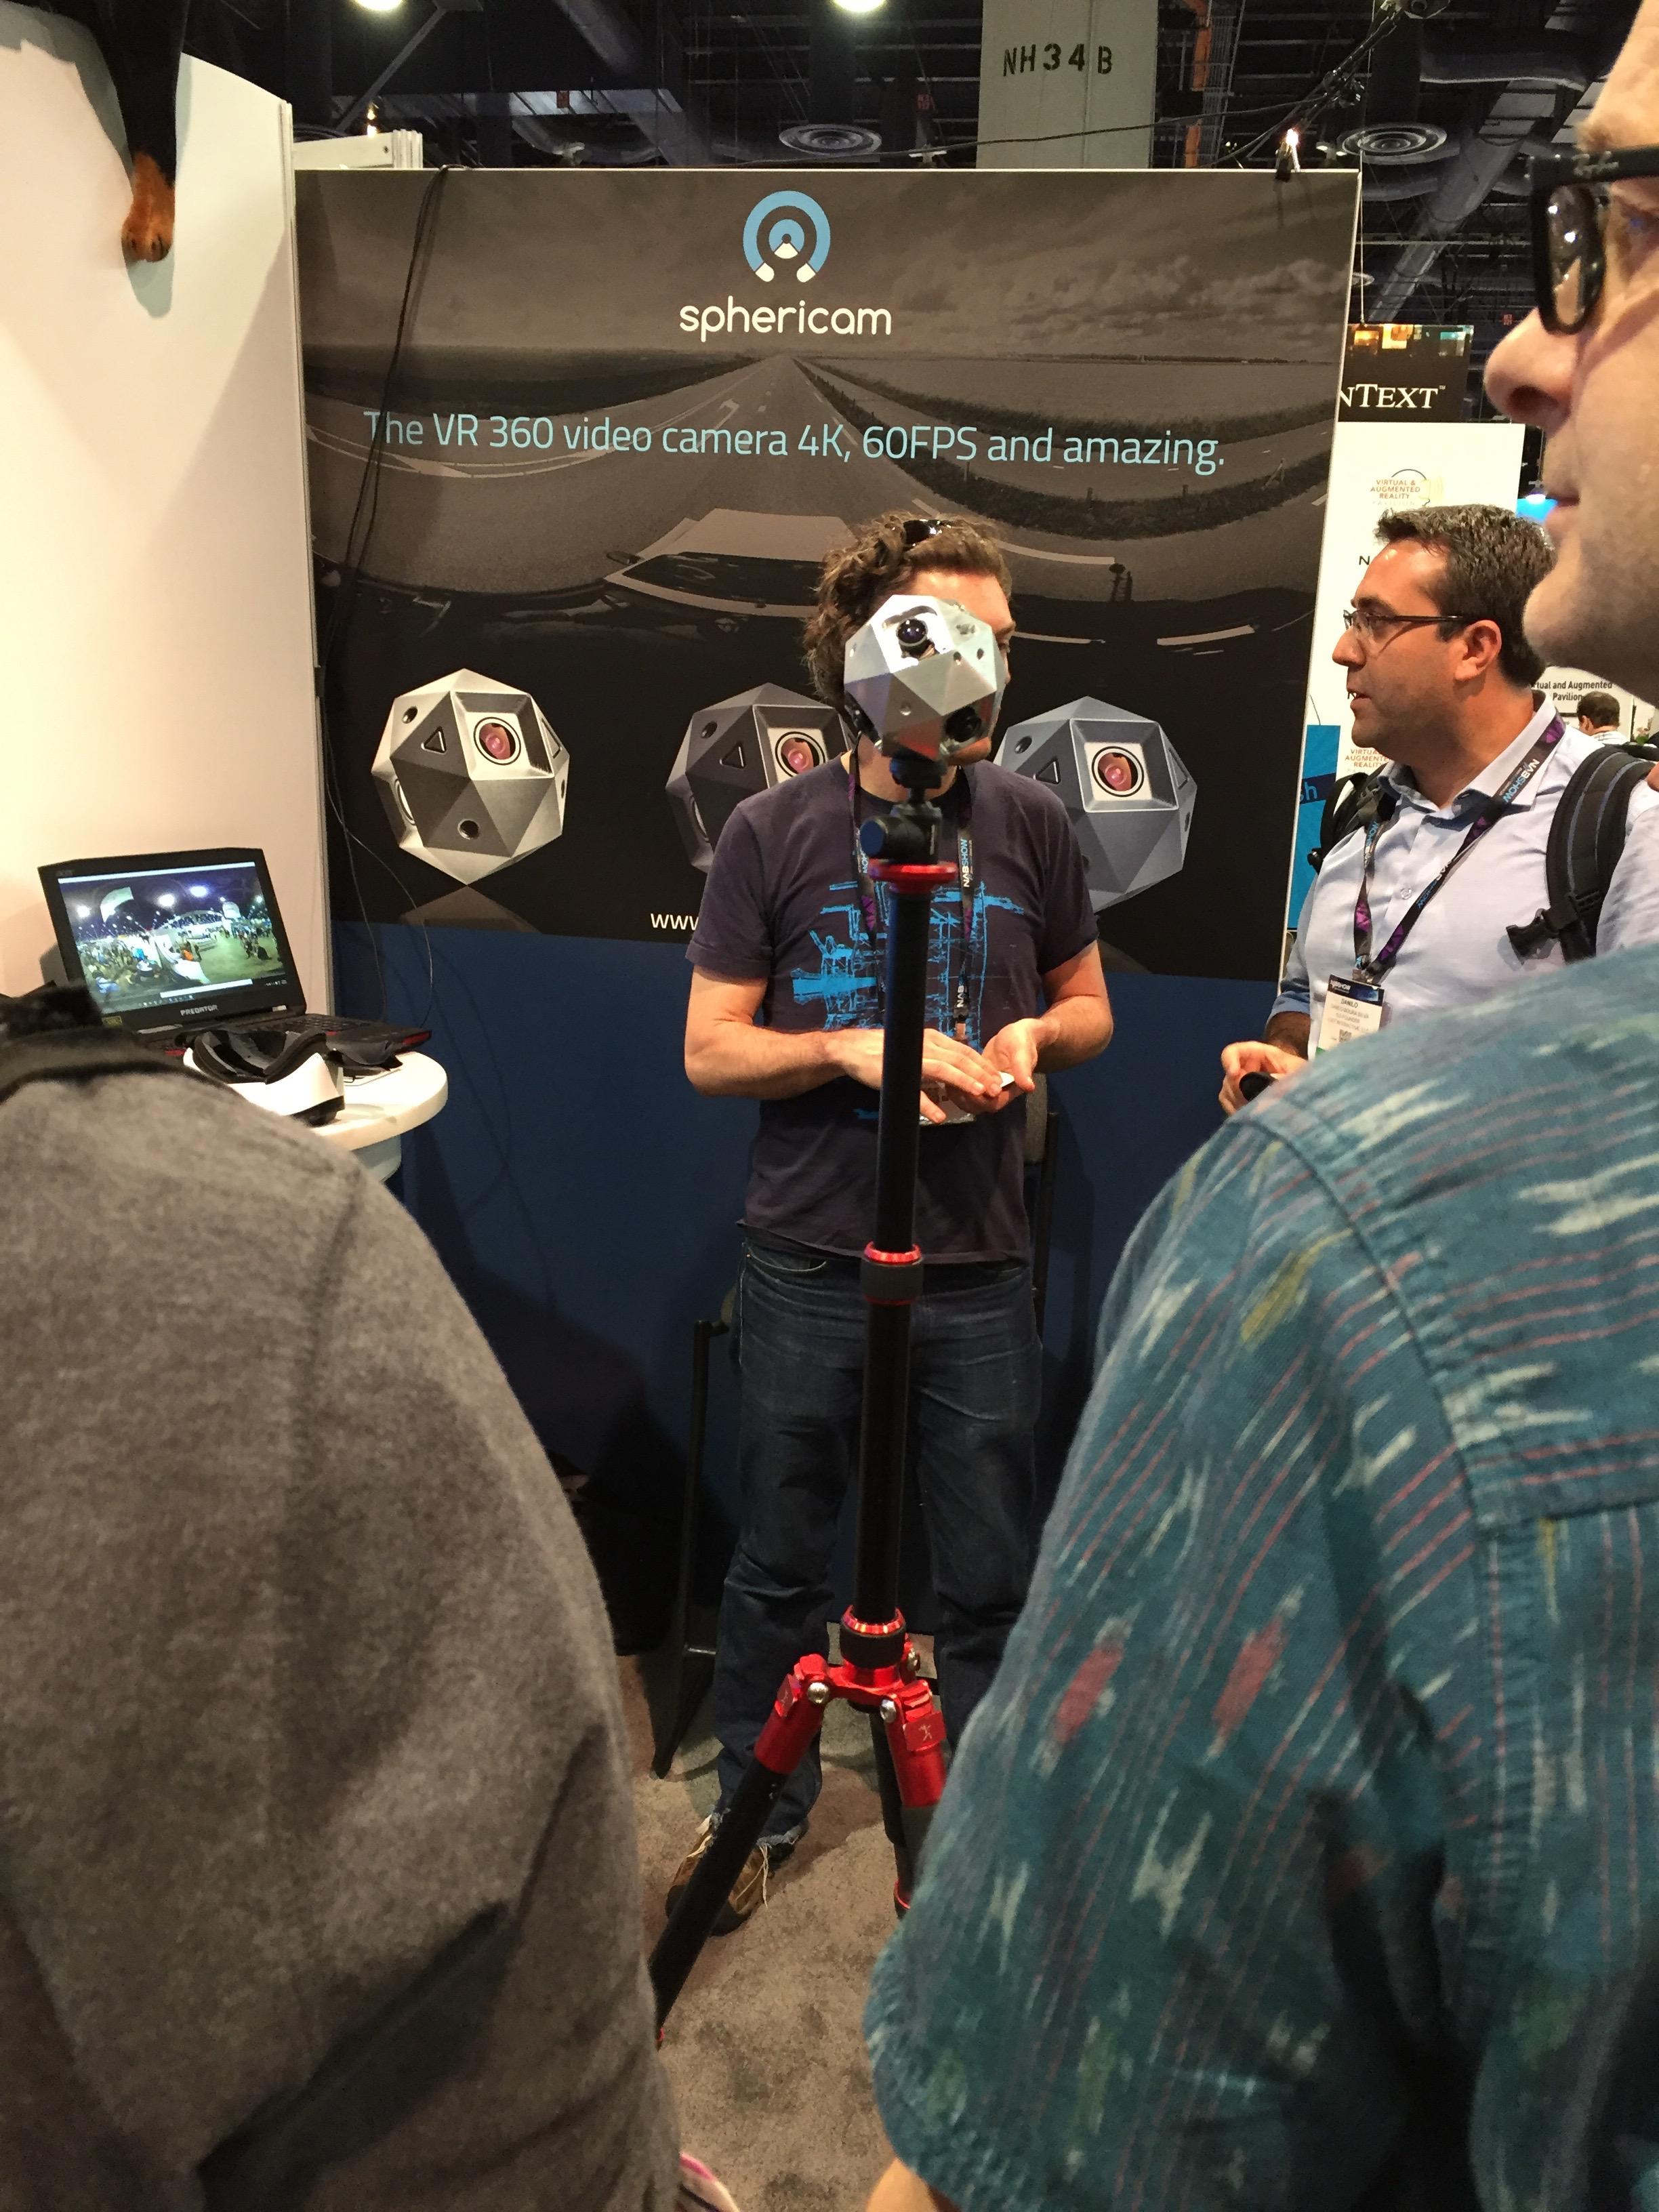 Sphericam's 360 camera